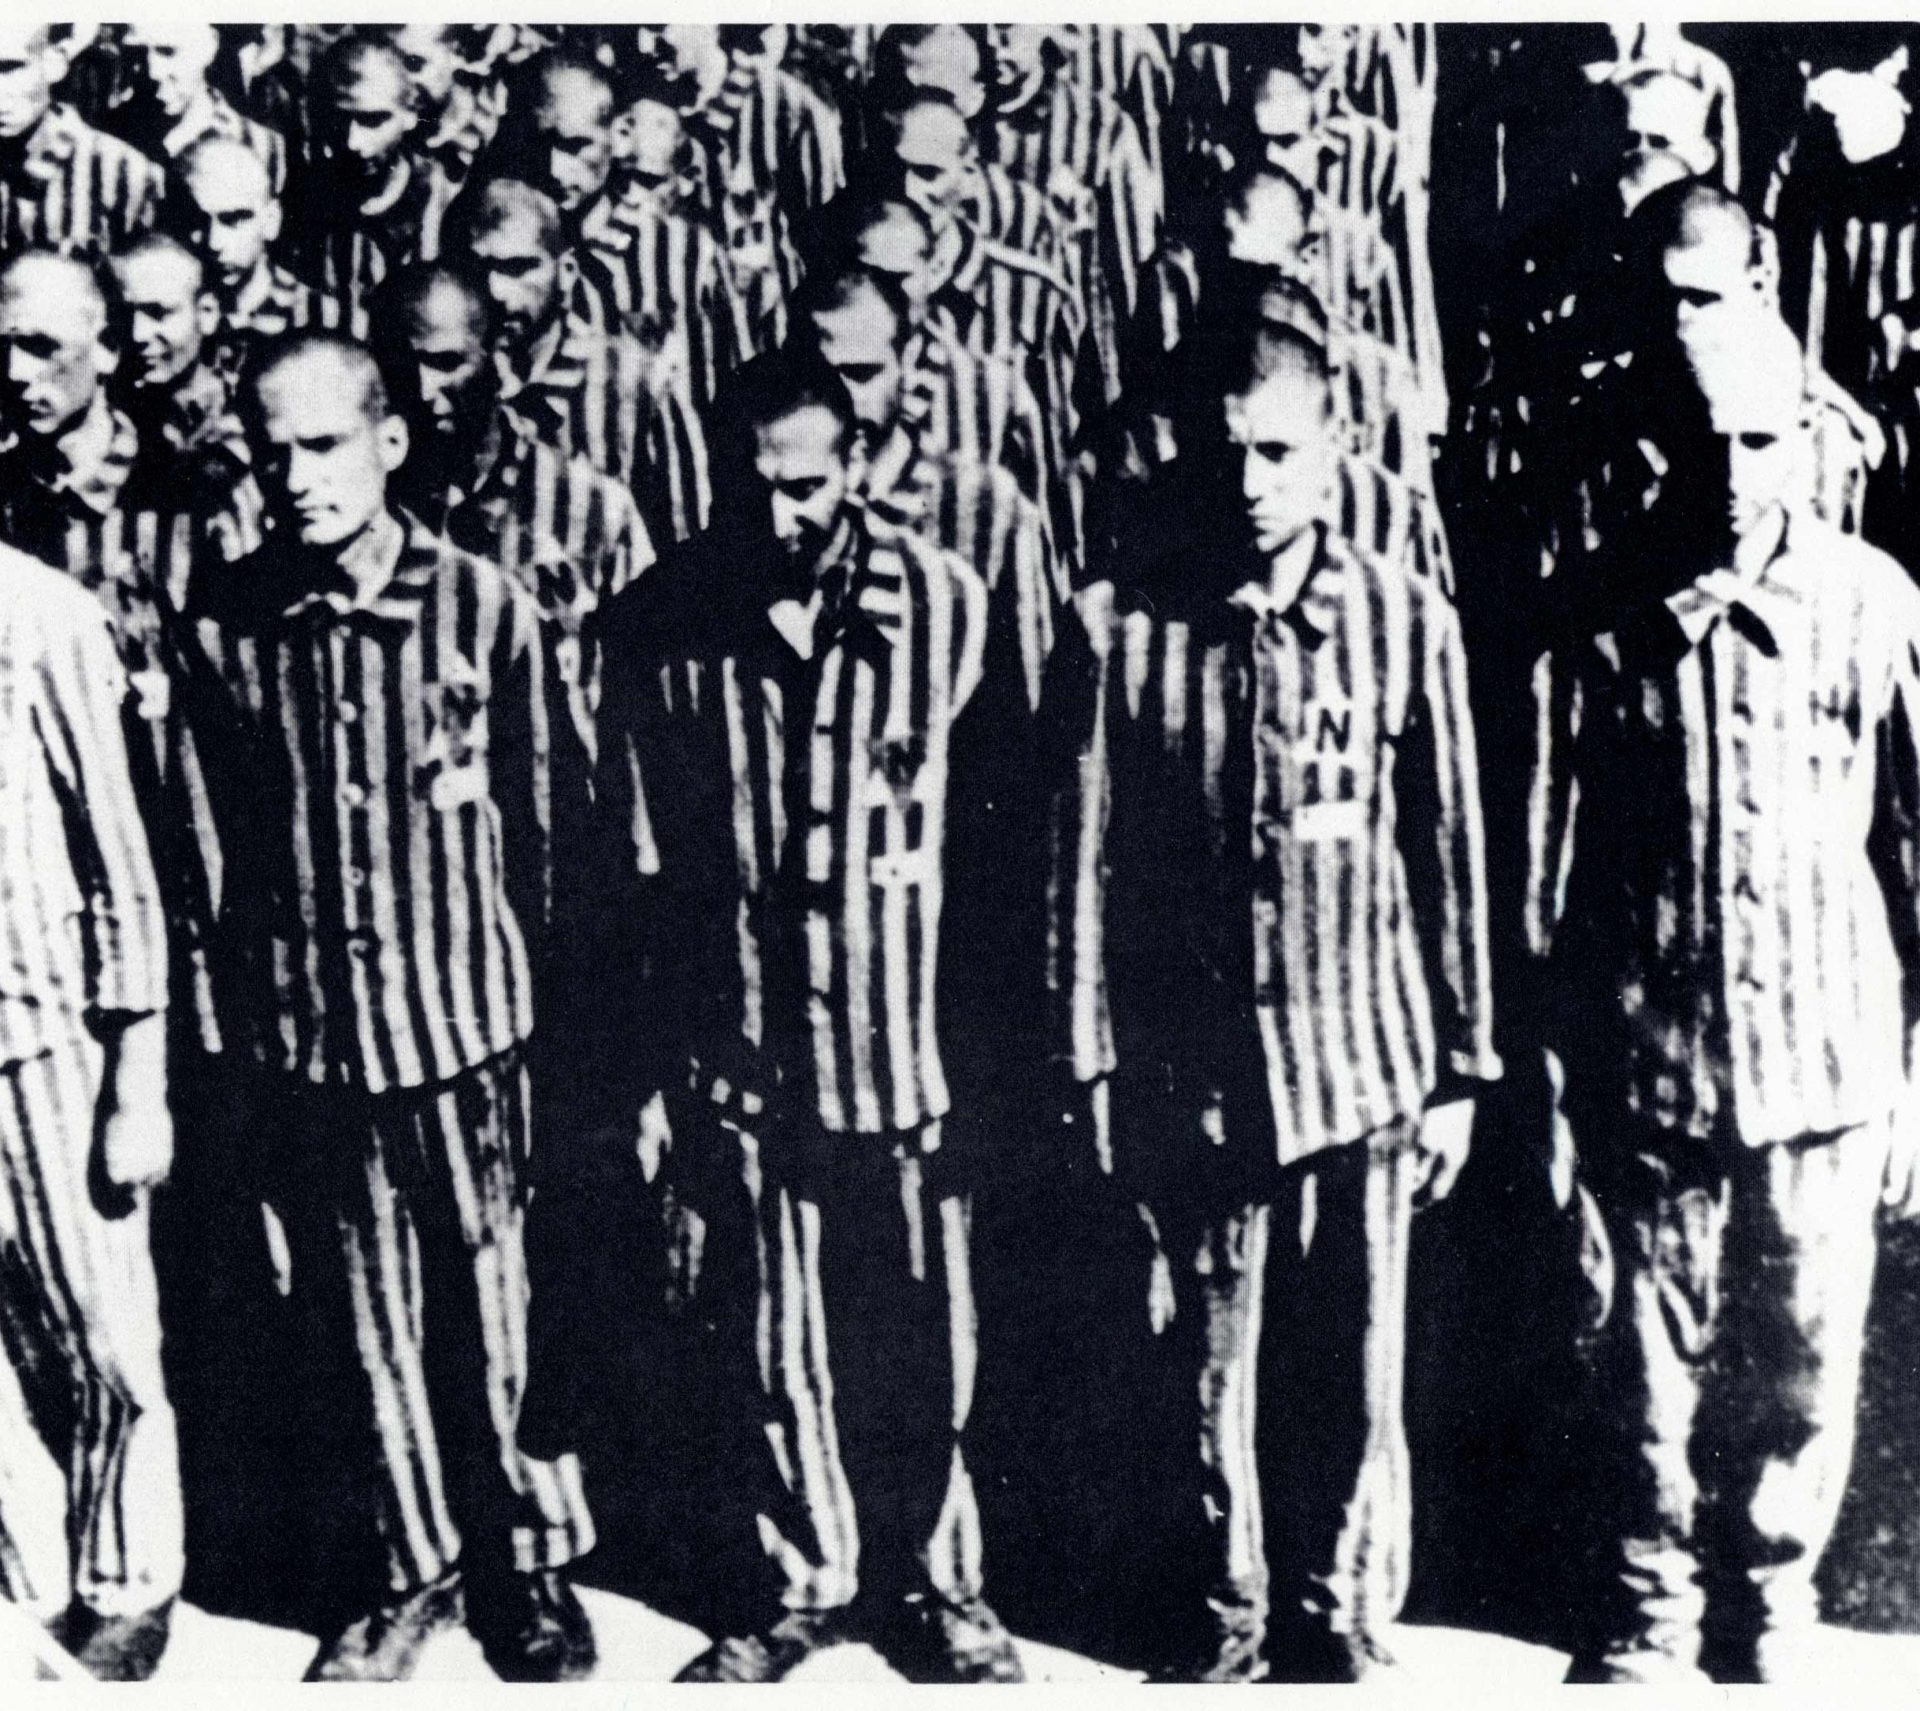 Photo Juifs néerlandais debout pendant l'appel au camp de concentration de Buchenwald, 28-02-1941.